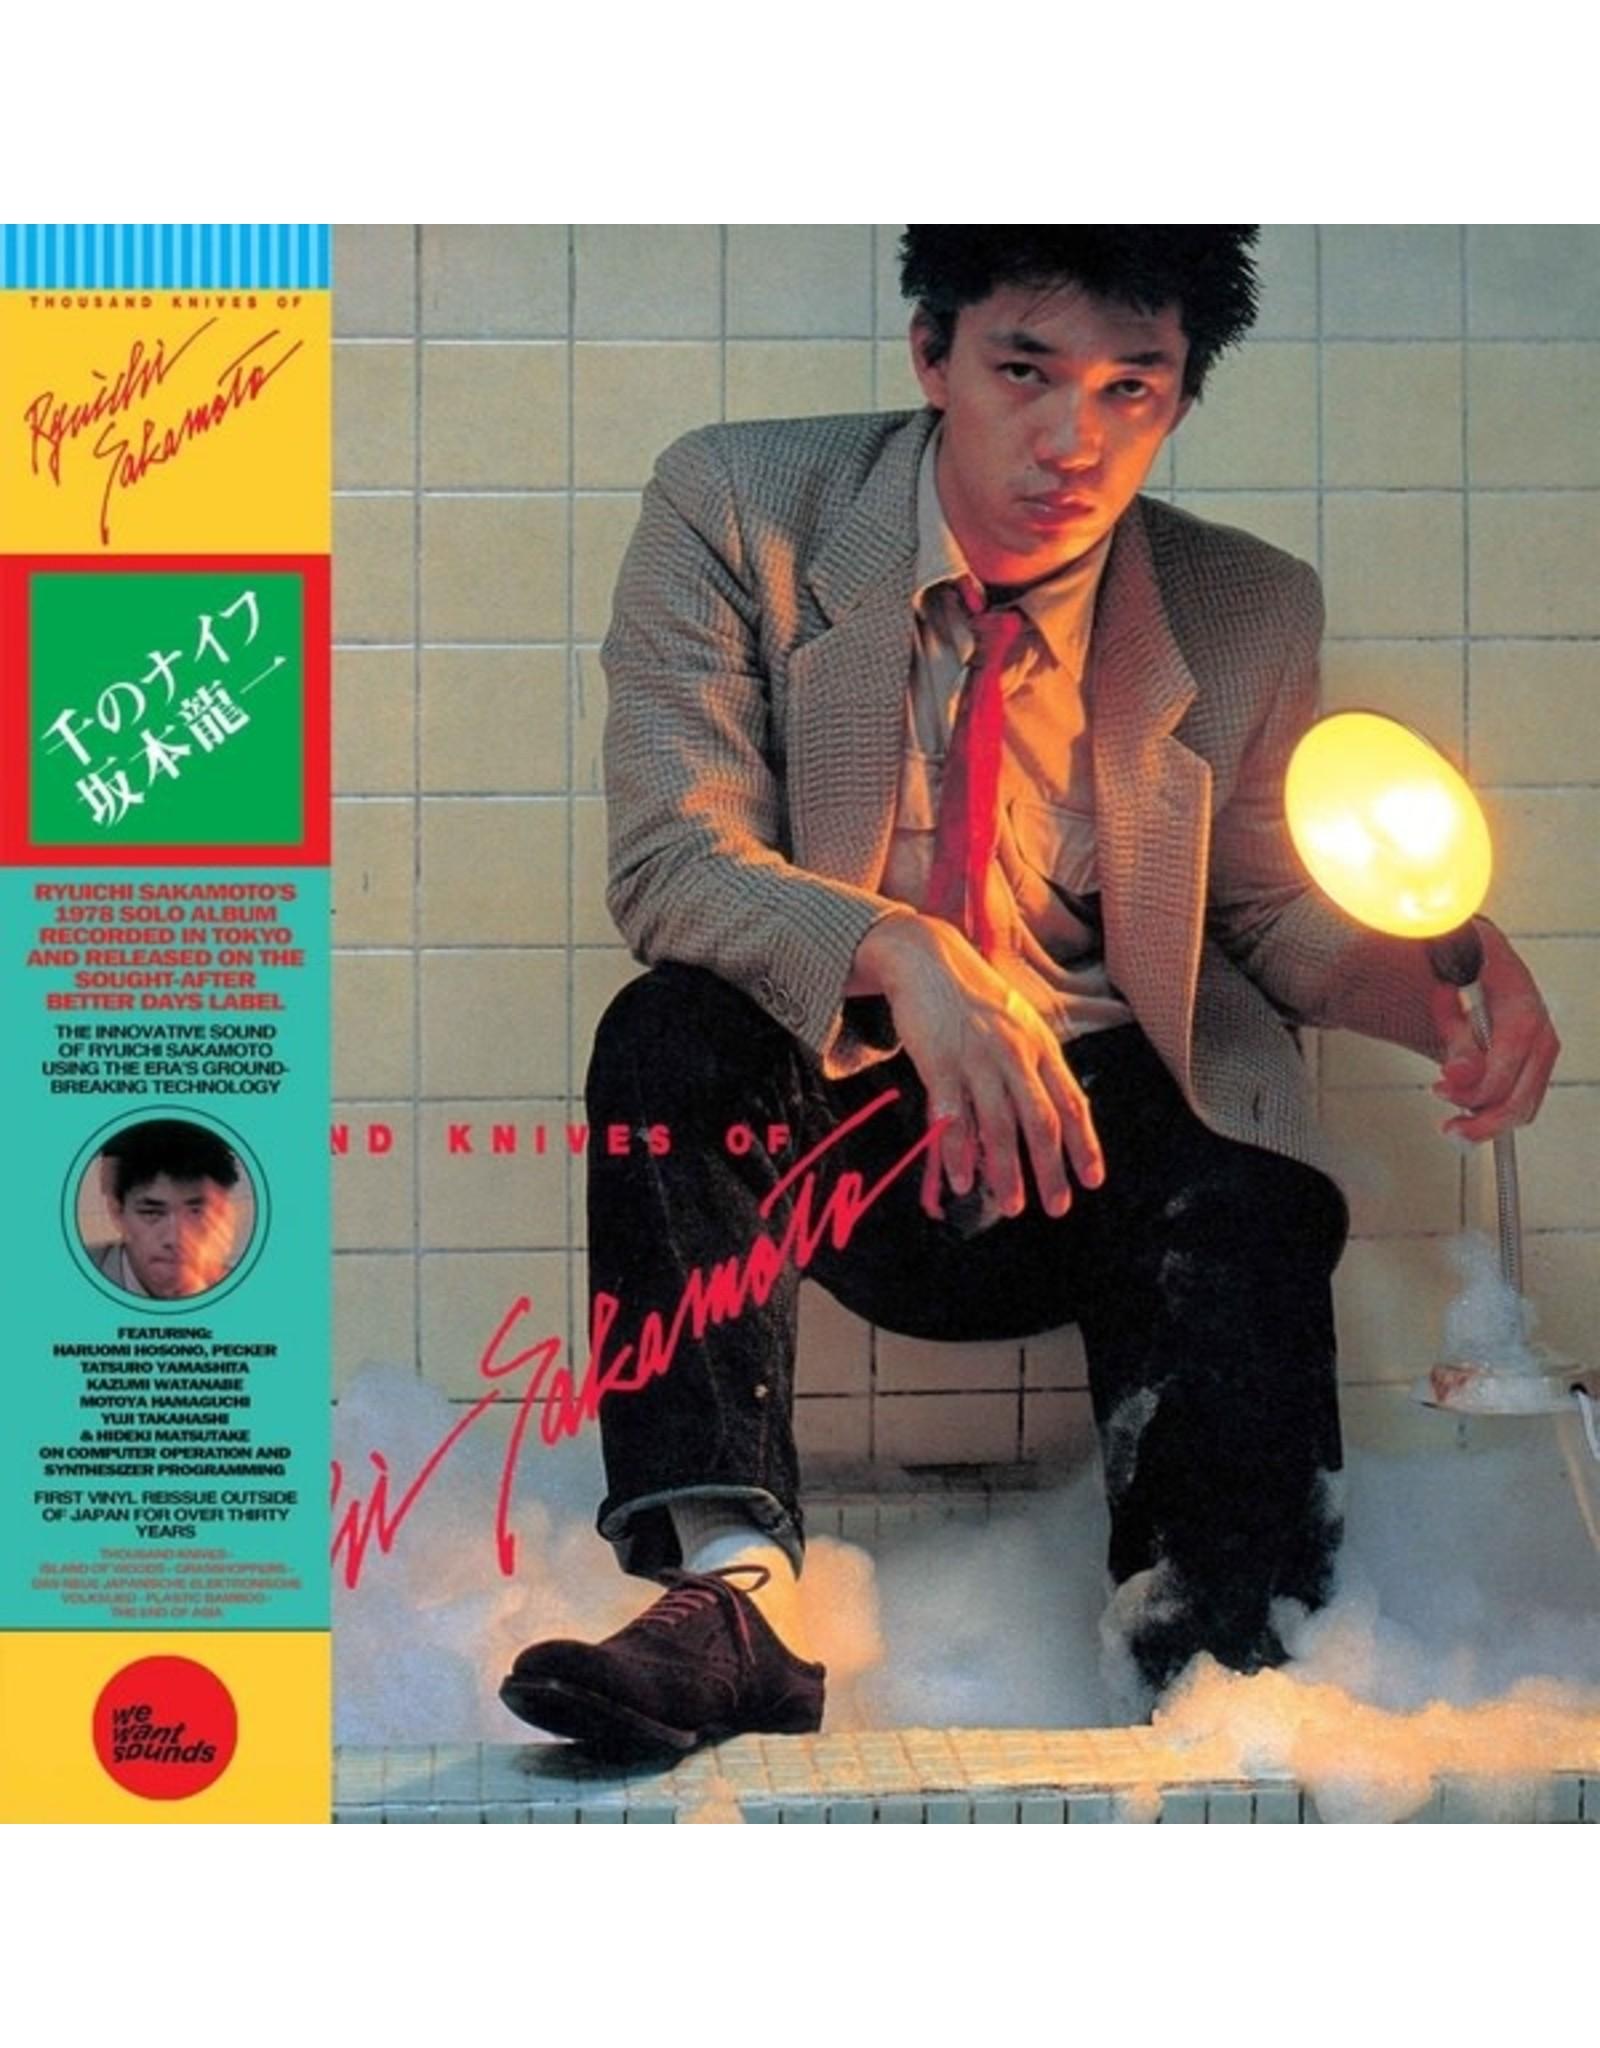 WeWantSound Sakamoto, Ryuichi: Thousand Knives Of Ryuichi Sakamoto LP